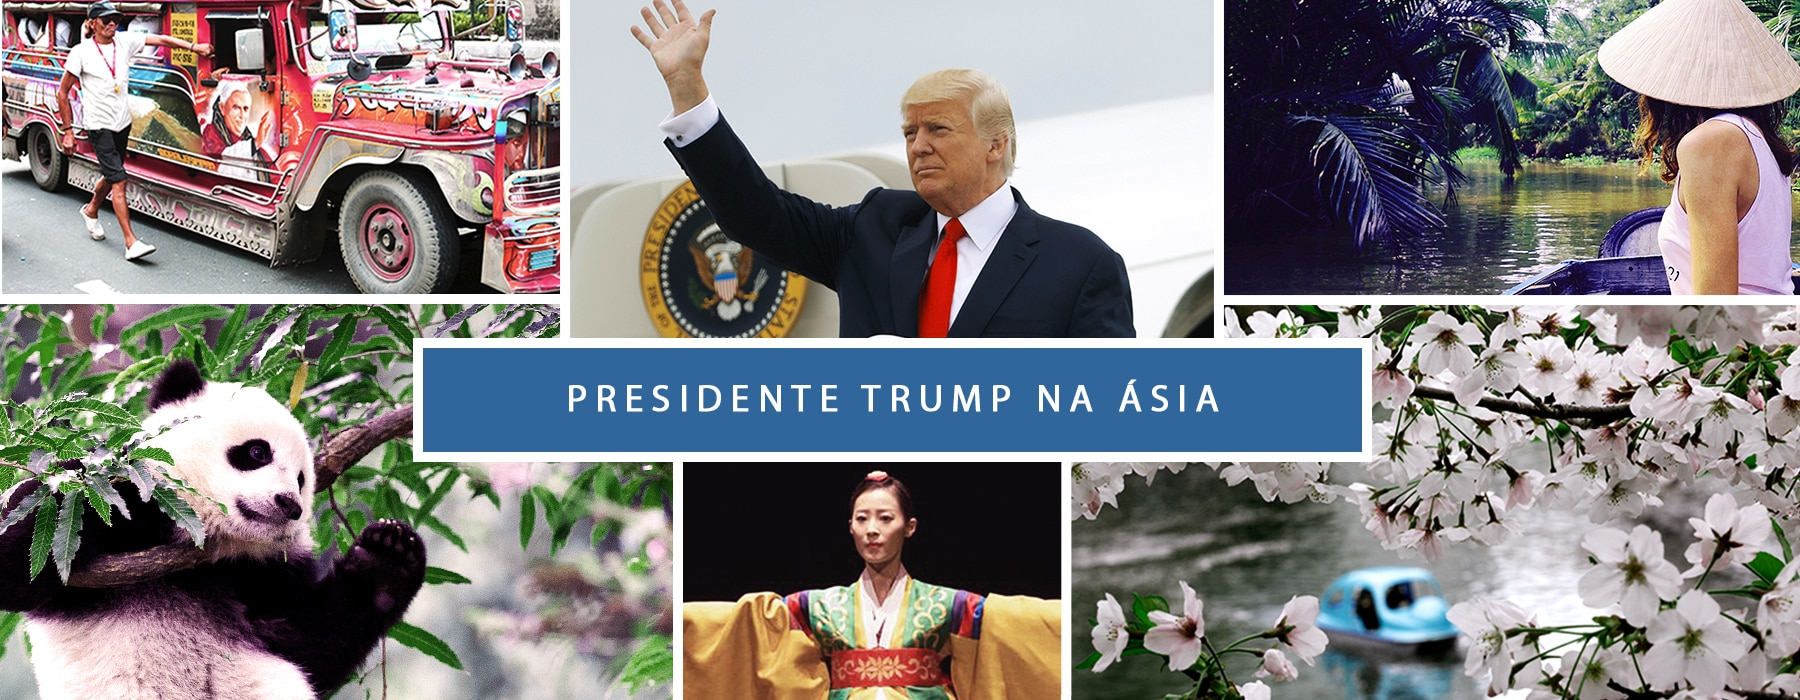 Montagem de fotos de ônibus pintado, presidente Trump, mulher em um rio, panda, dançarina com traje típico e cerejeiras em flor (© AP Images, Centro Cultural Coreano, Washington, DC)